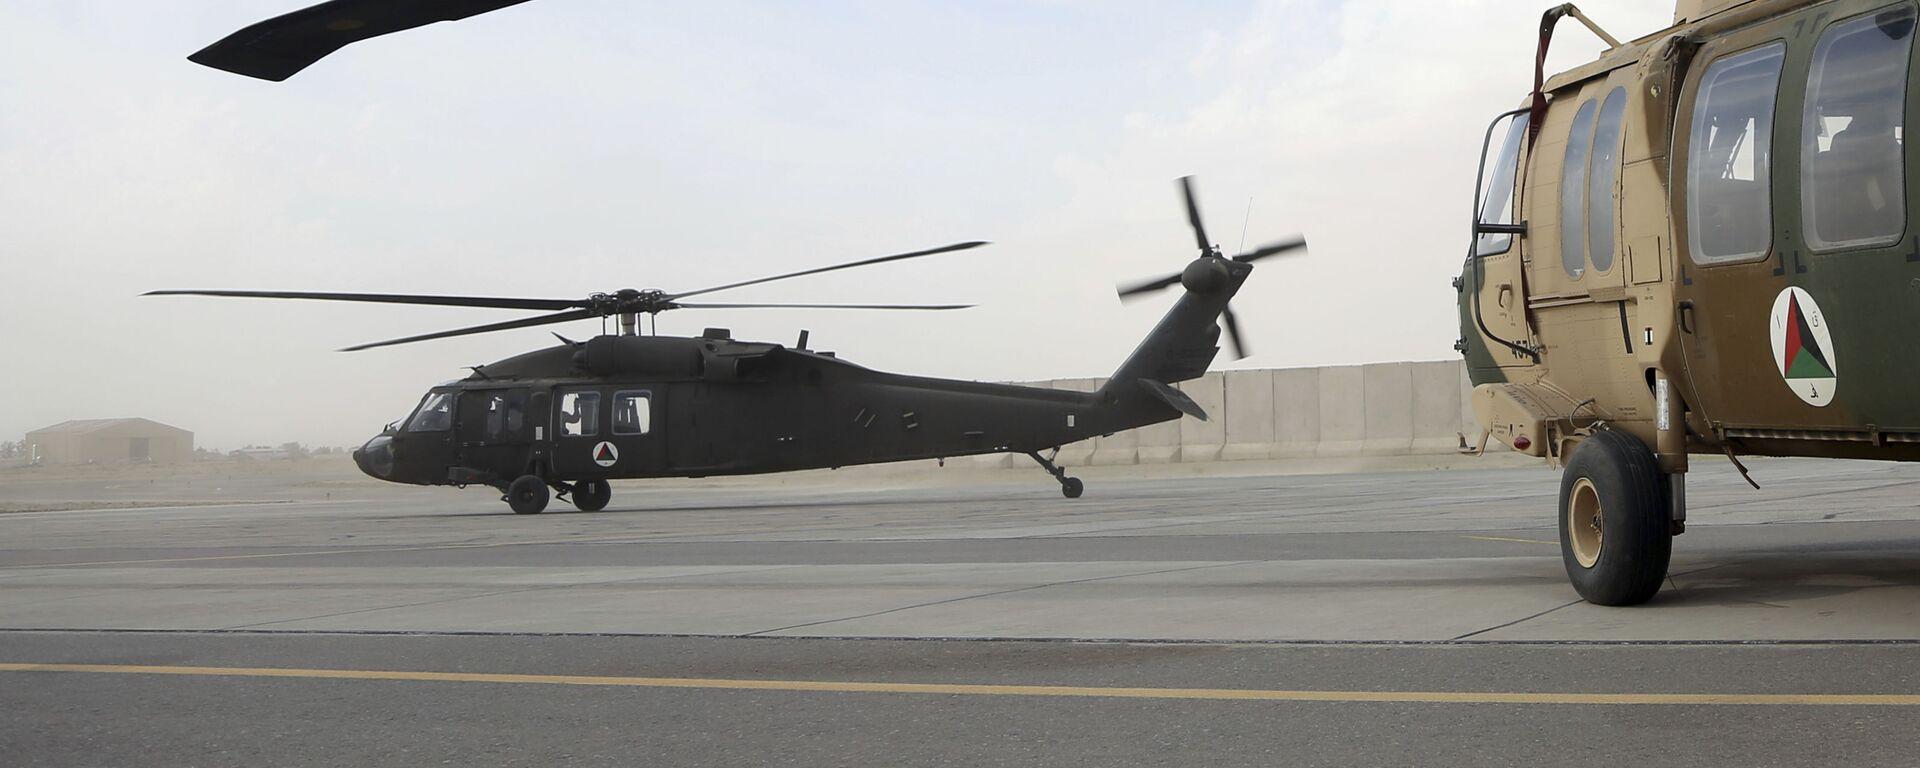 Американский вертолет UH-60 Black Hawk в Афганистане. Архивное фото - Sputnik Mundo, 1920, 23.08.2021